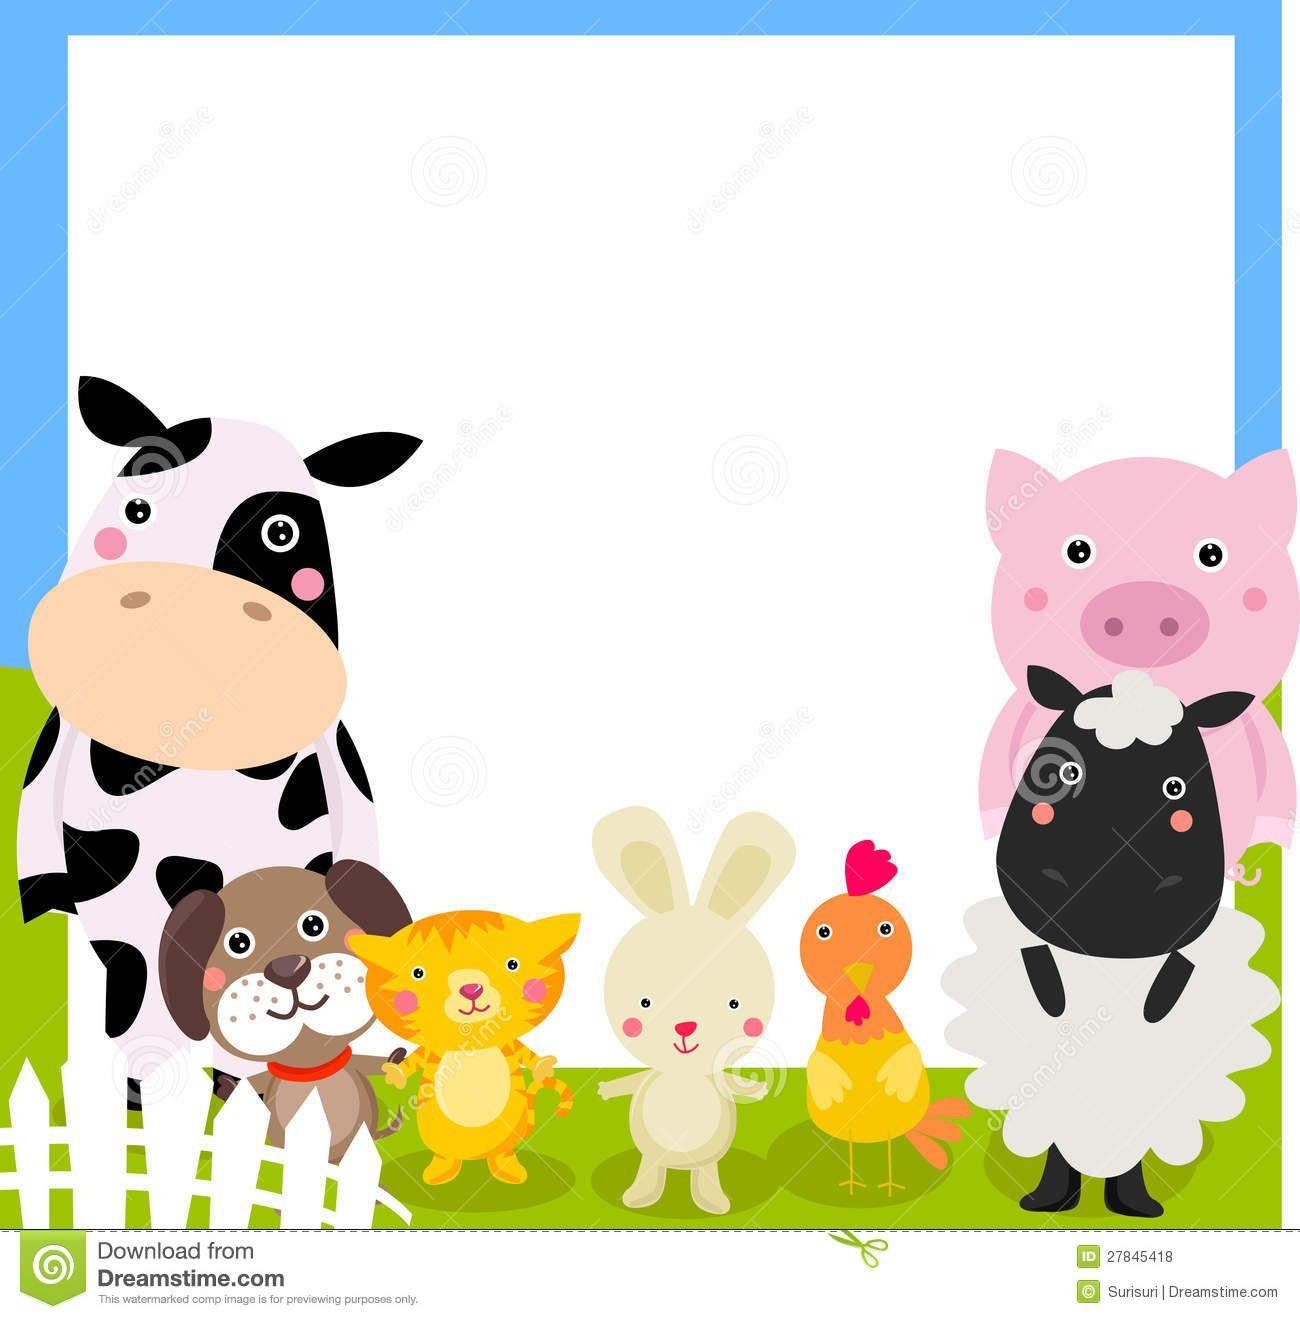 25+ Farm Animal Clipart Frame